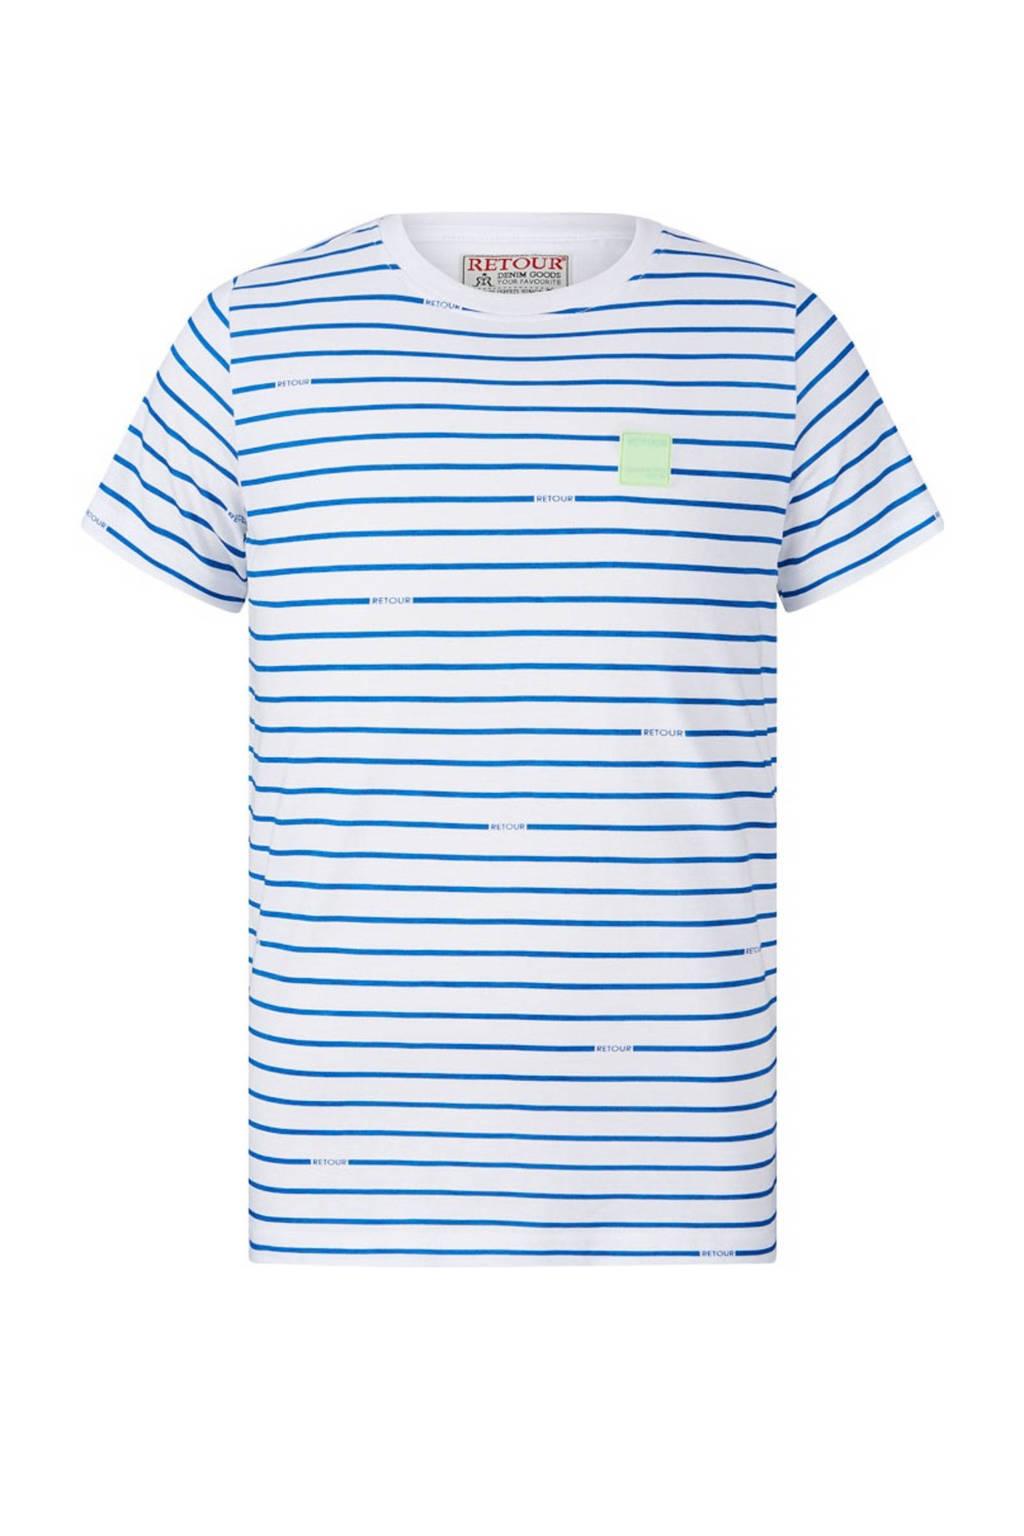 Retour Denim gestreept T-shirt Micha van biologisch katoen wit/blauw, Wit/blauw